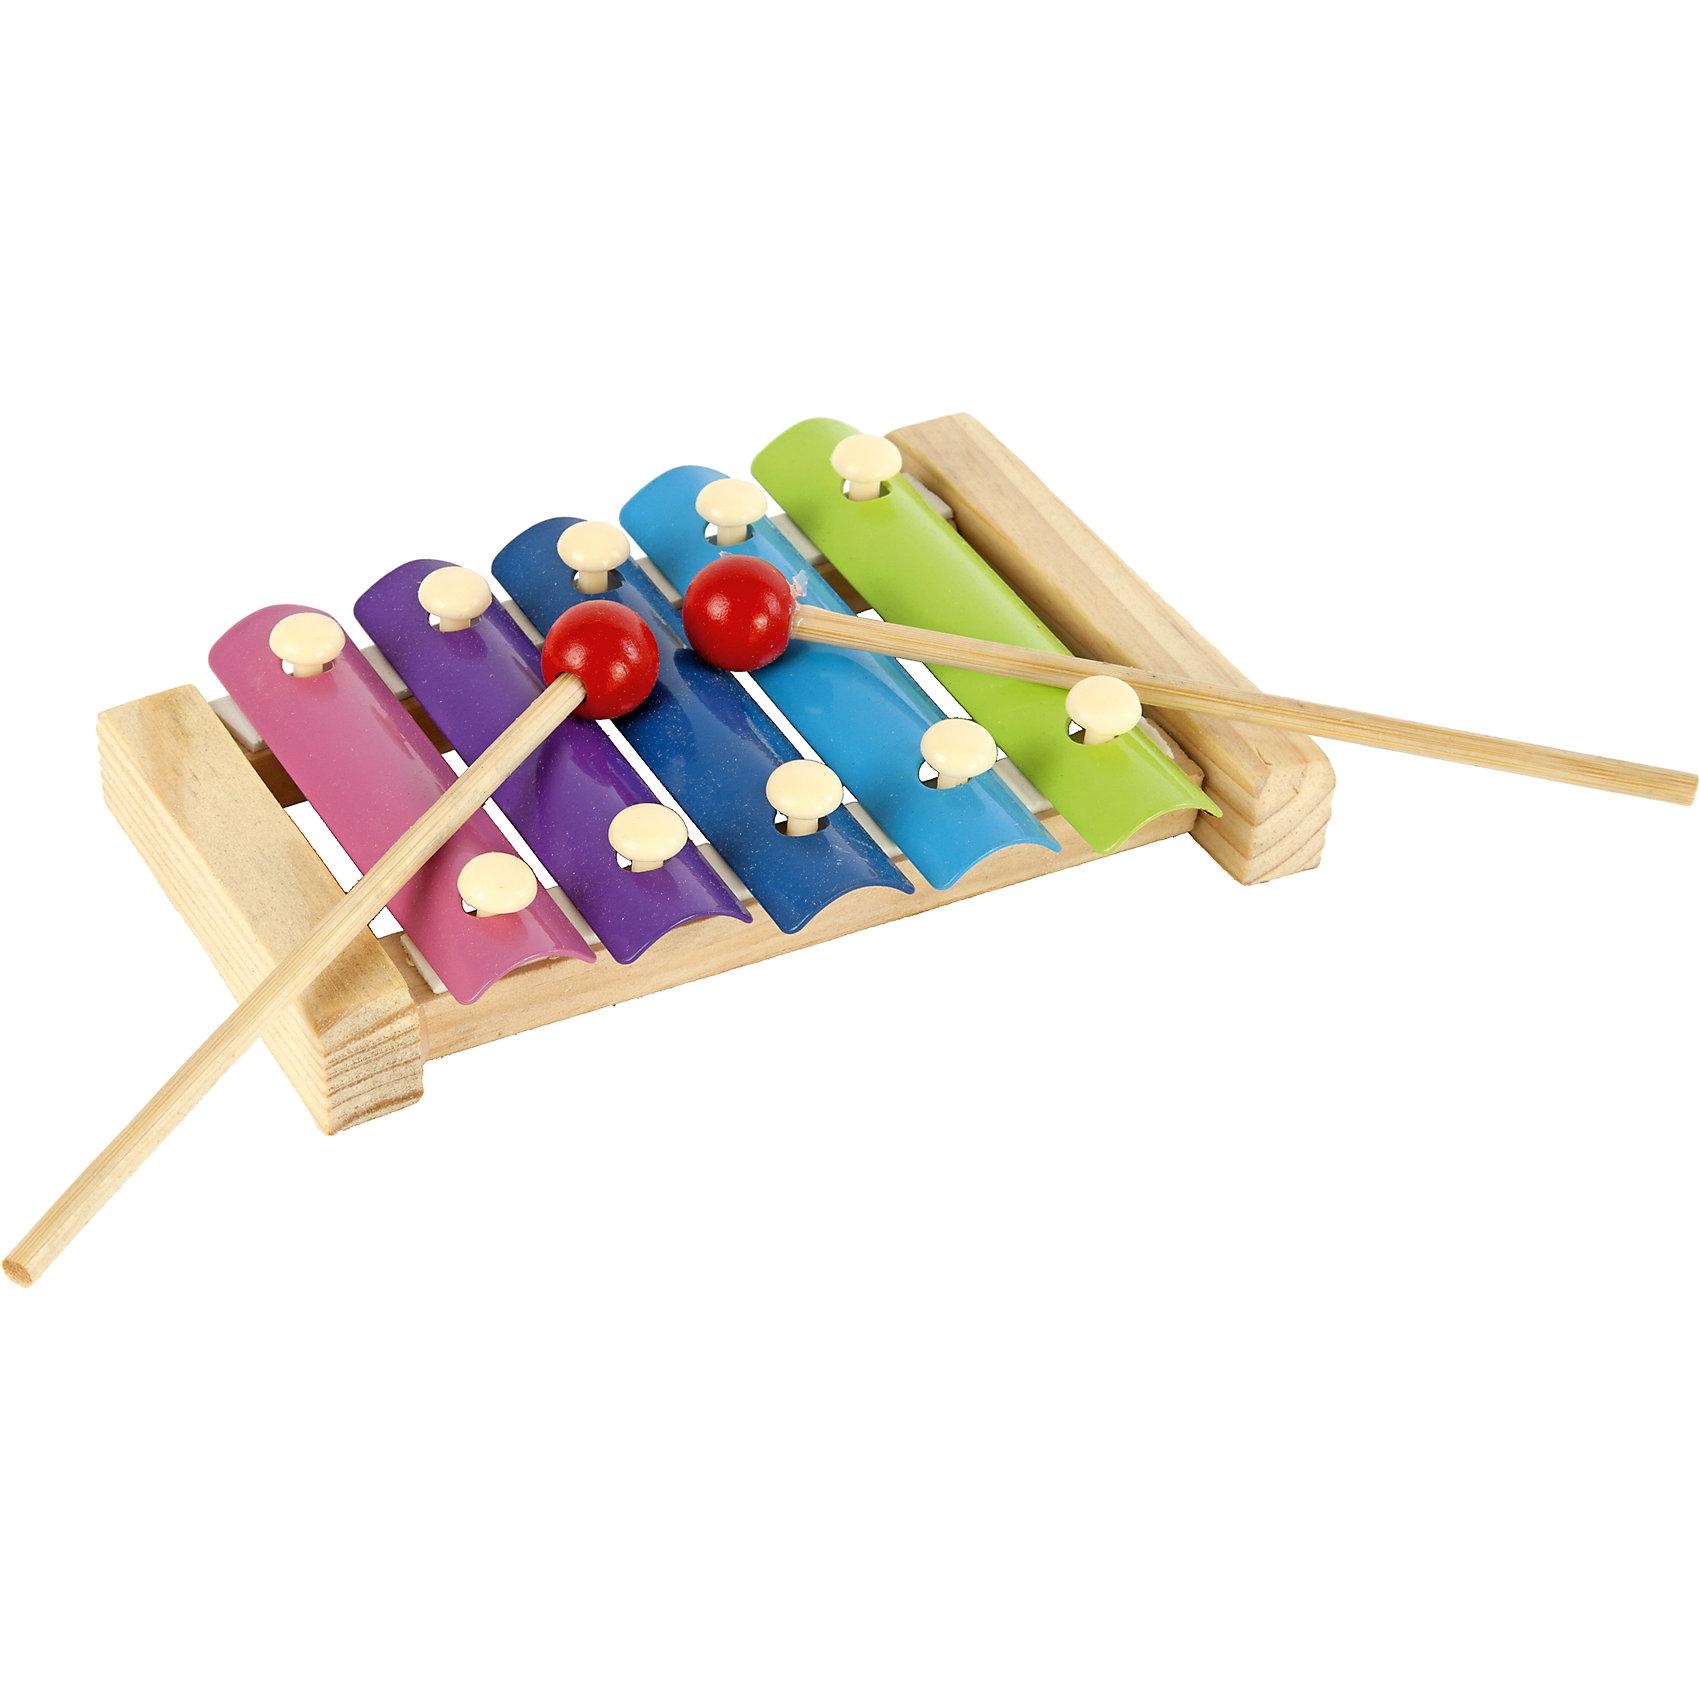 Ксилофон деревянный, 5 тонов, Shantou GepaiКсилофон деревянный, 5 тонов, Shantou Gepai развлечет вашего ребенка и положит начало музыкальному вкусу малыша. Ксилофон состоит пяти тонов, поэтому с ним очень интересно играть. Стуча одной или двумя сразу палочками по клавишам ксилофон издает приятные звуки, поэтому играть в него легко и интересно. Этот набор изготовлен из дерева и окрашен в яркие цвета. Клавиши состоят из металла. Играя с этой игрушкой малыш разовьет мелкую моторику рук, звуковое восприятие и воображение.<br><br>Дополнительная информация:<br><br>- В комплект входит: ксилофон, 2 палочки<br>- Материал: дерево, металл<br>- Размер: 17 * 3,5 * 11,5<br>- Вес: 0,22 кг.<br><br>Ксилофон деревянный, 5 тонов, Shantou Gepai можно купить в нашем интернет-магазине.<br><br>Подробнее:<br>• Для детей в возрасте: от 3 до 7 лет<br>• Номер товара: 4925538<br>Страна производитель: Китай<br><br>Ширина мм: 170<br>Глубина мм: 35<br>Высота мм: 115<br>Вес г: 72<br>Возраст от месяцев: 36<br>Возраст до месяцев: 120<br>Пол: Унисекс<br>Возраст: Детский<br>SKU: 4925538